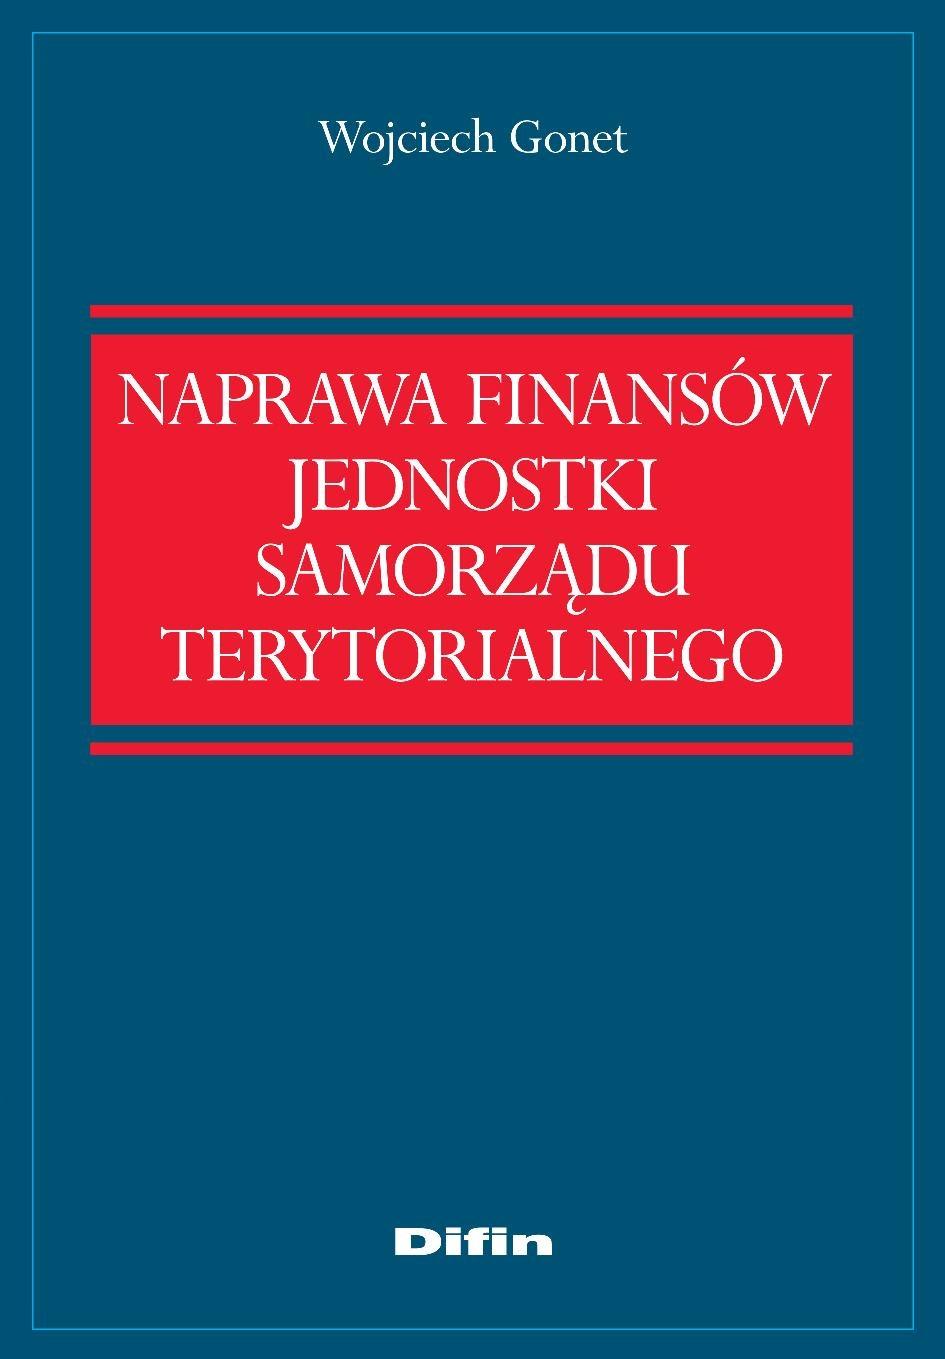 Naprawa finansów jednostki samorządu terytorialnego - Ebook (Książka EPUB) do pobrania w formacie EPUB